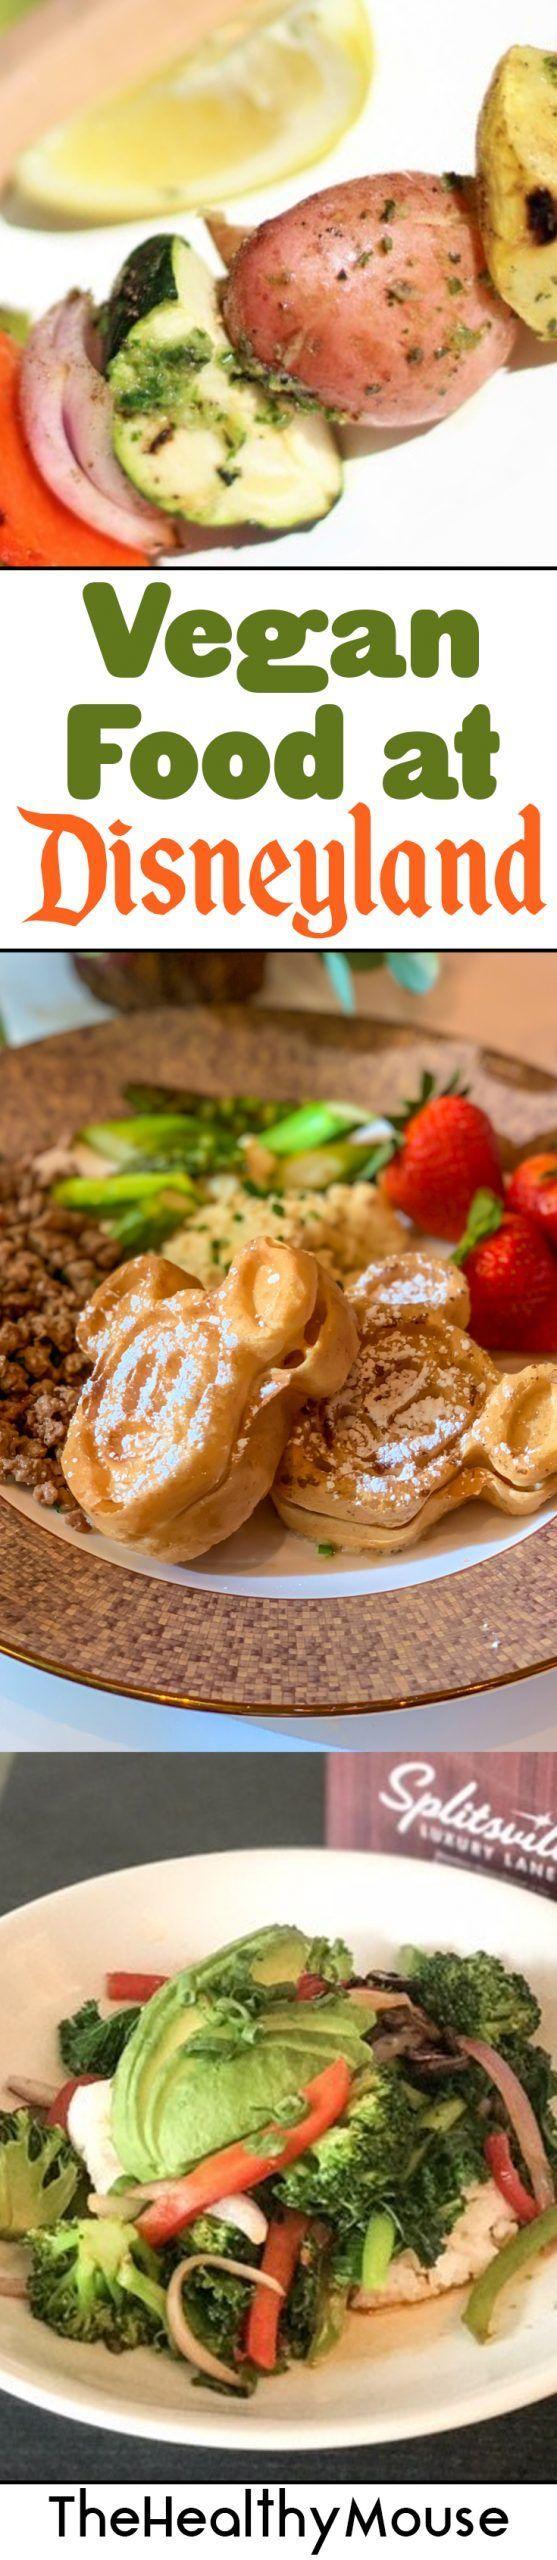 45 Vegan Food Dishes At Disneyland Resort The Healthy Mouse In 2020 Food Vegan Recipes Vegetarian Gumbo